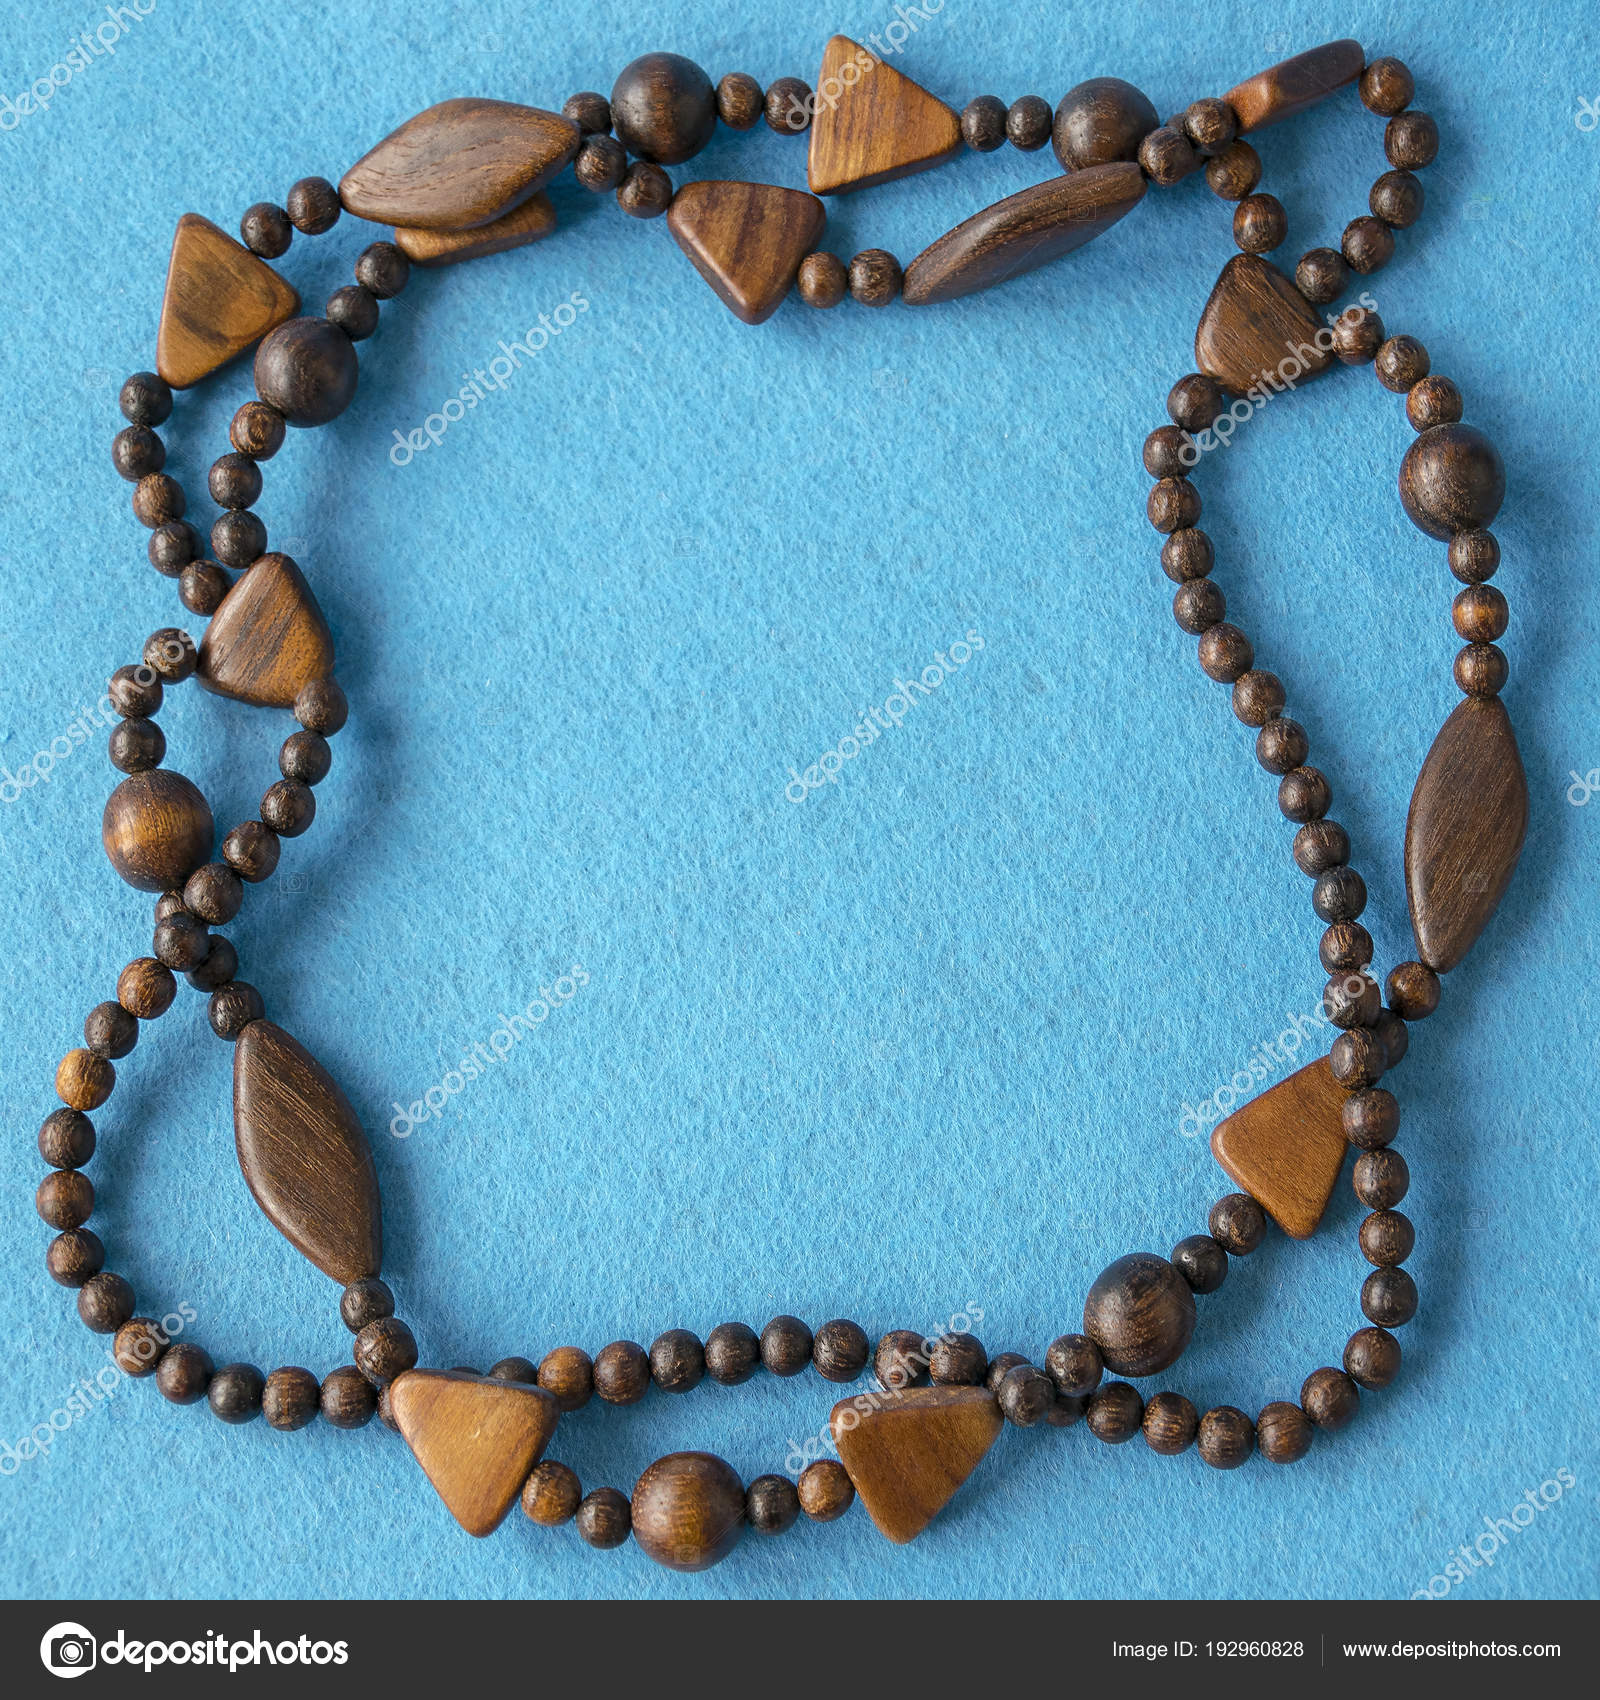 4e647d69672e Vista superior del collar de madera hermoso. Accesorios de moda de  materiales naturales. Diseño creativo de decoración hechos a mano.